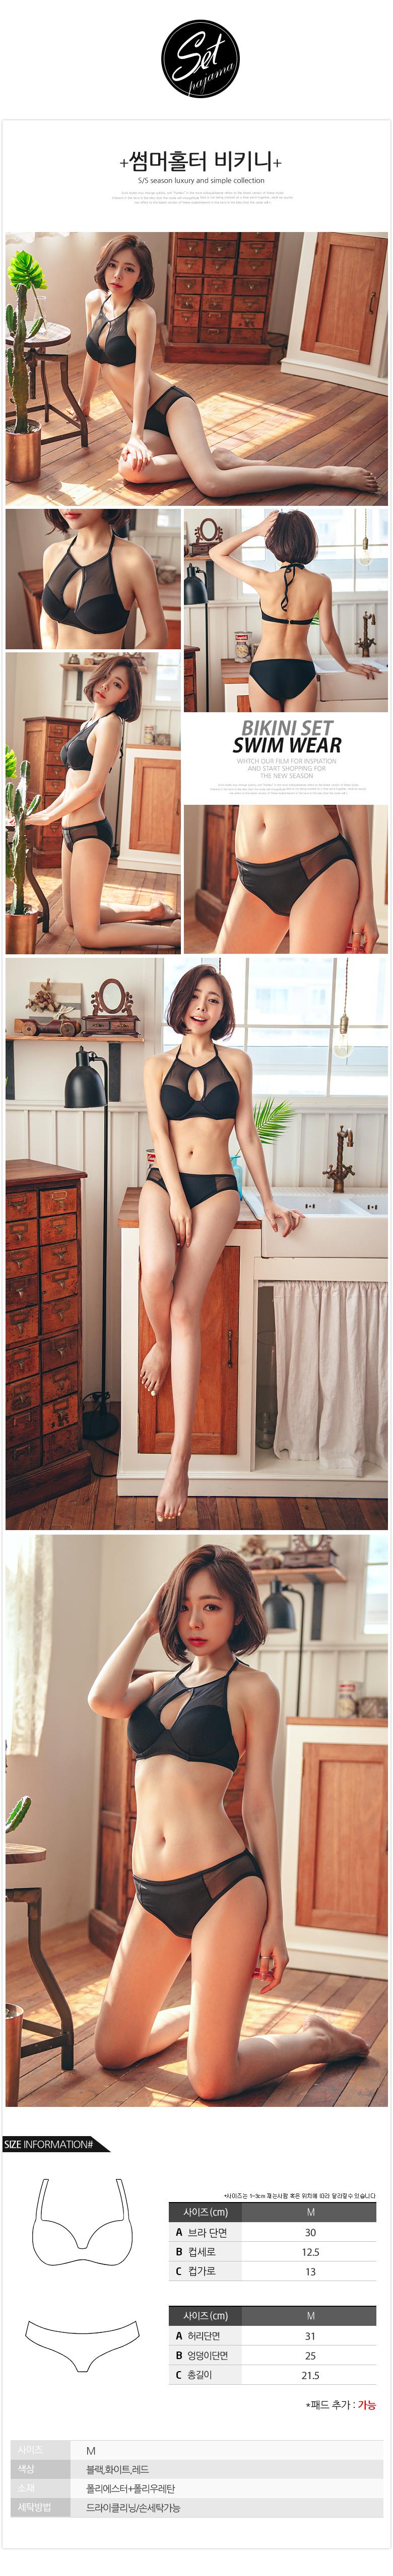 썸머홀터 비키니 수영복 - 로로걸, 23,900원, 여성비치웨어, 비키니